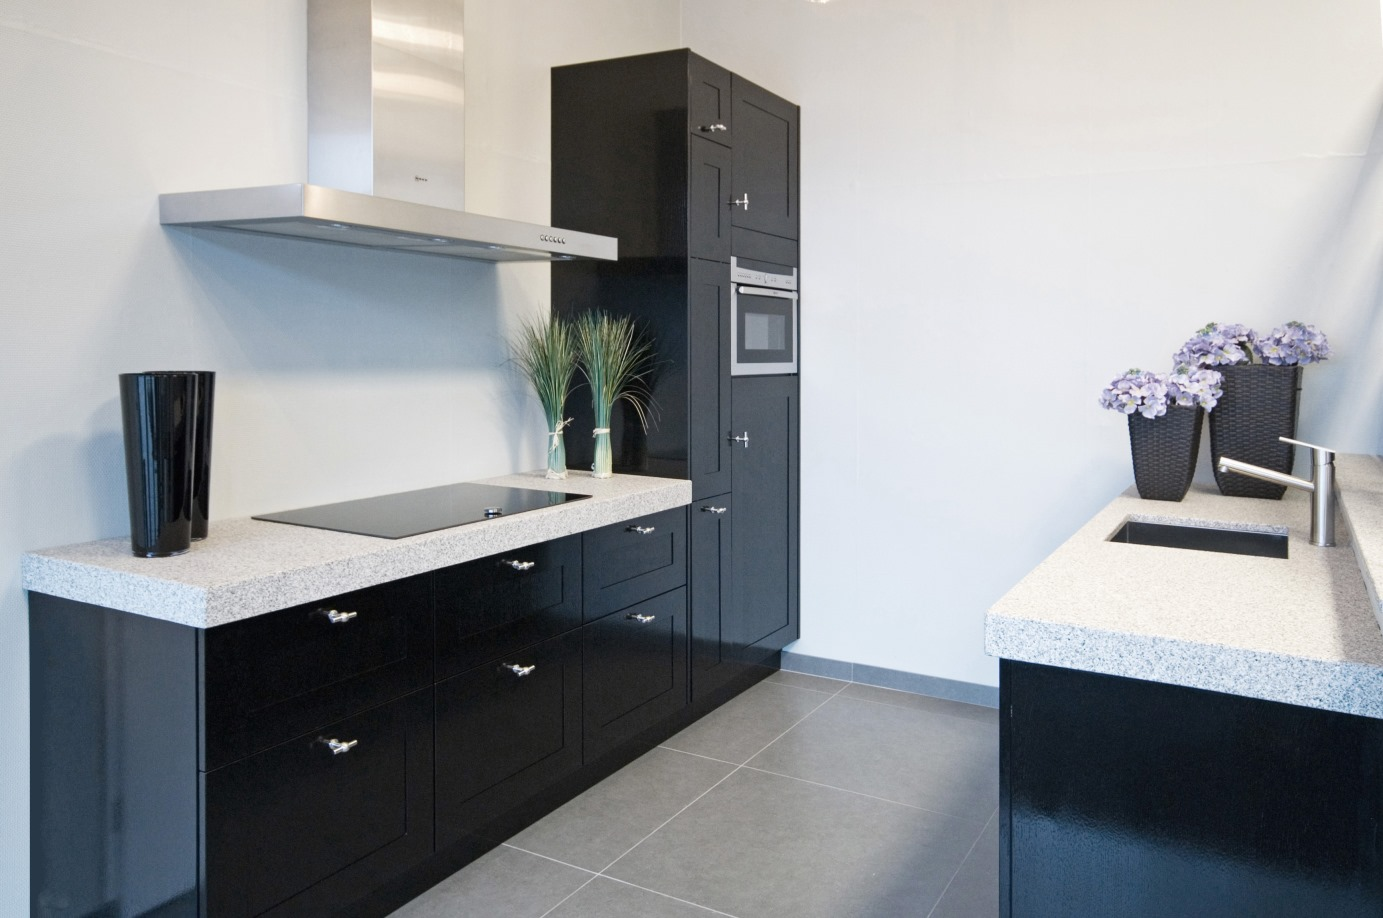 Zwarte Landelijke Keuken : keuken, met composiet blad. Lees meer informatie over zwarte keukens